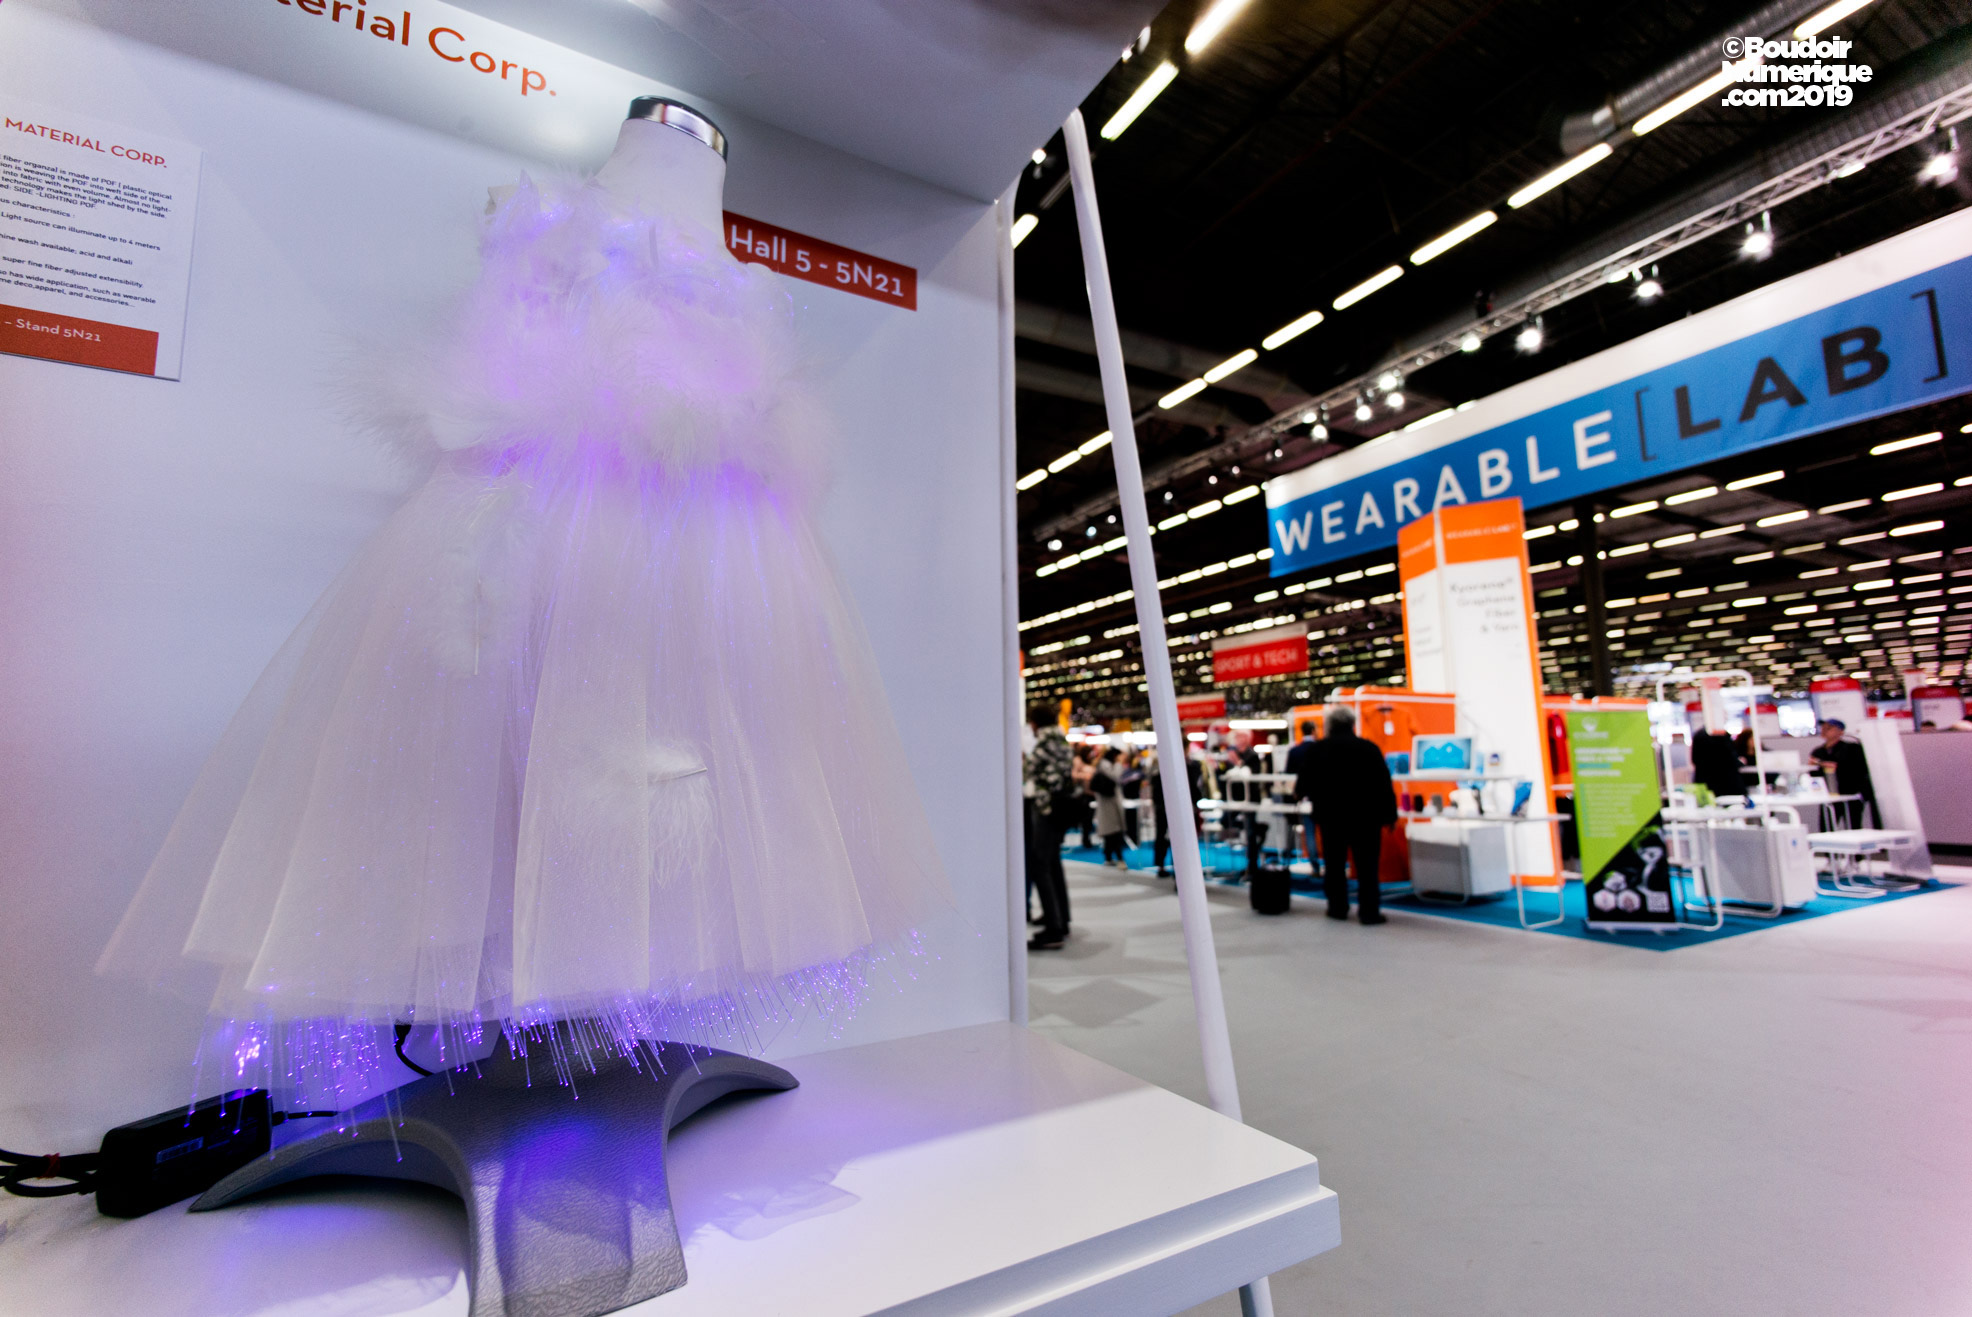 Robe en organza tissé de fibres optiques en plastique de l'entreprise Taïwanaise Unitex Material Corp.